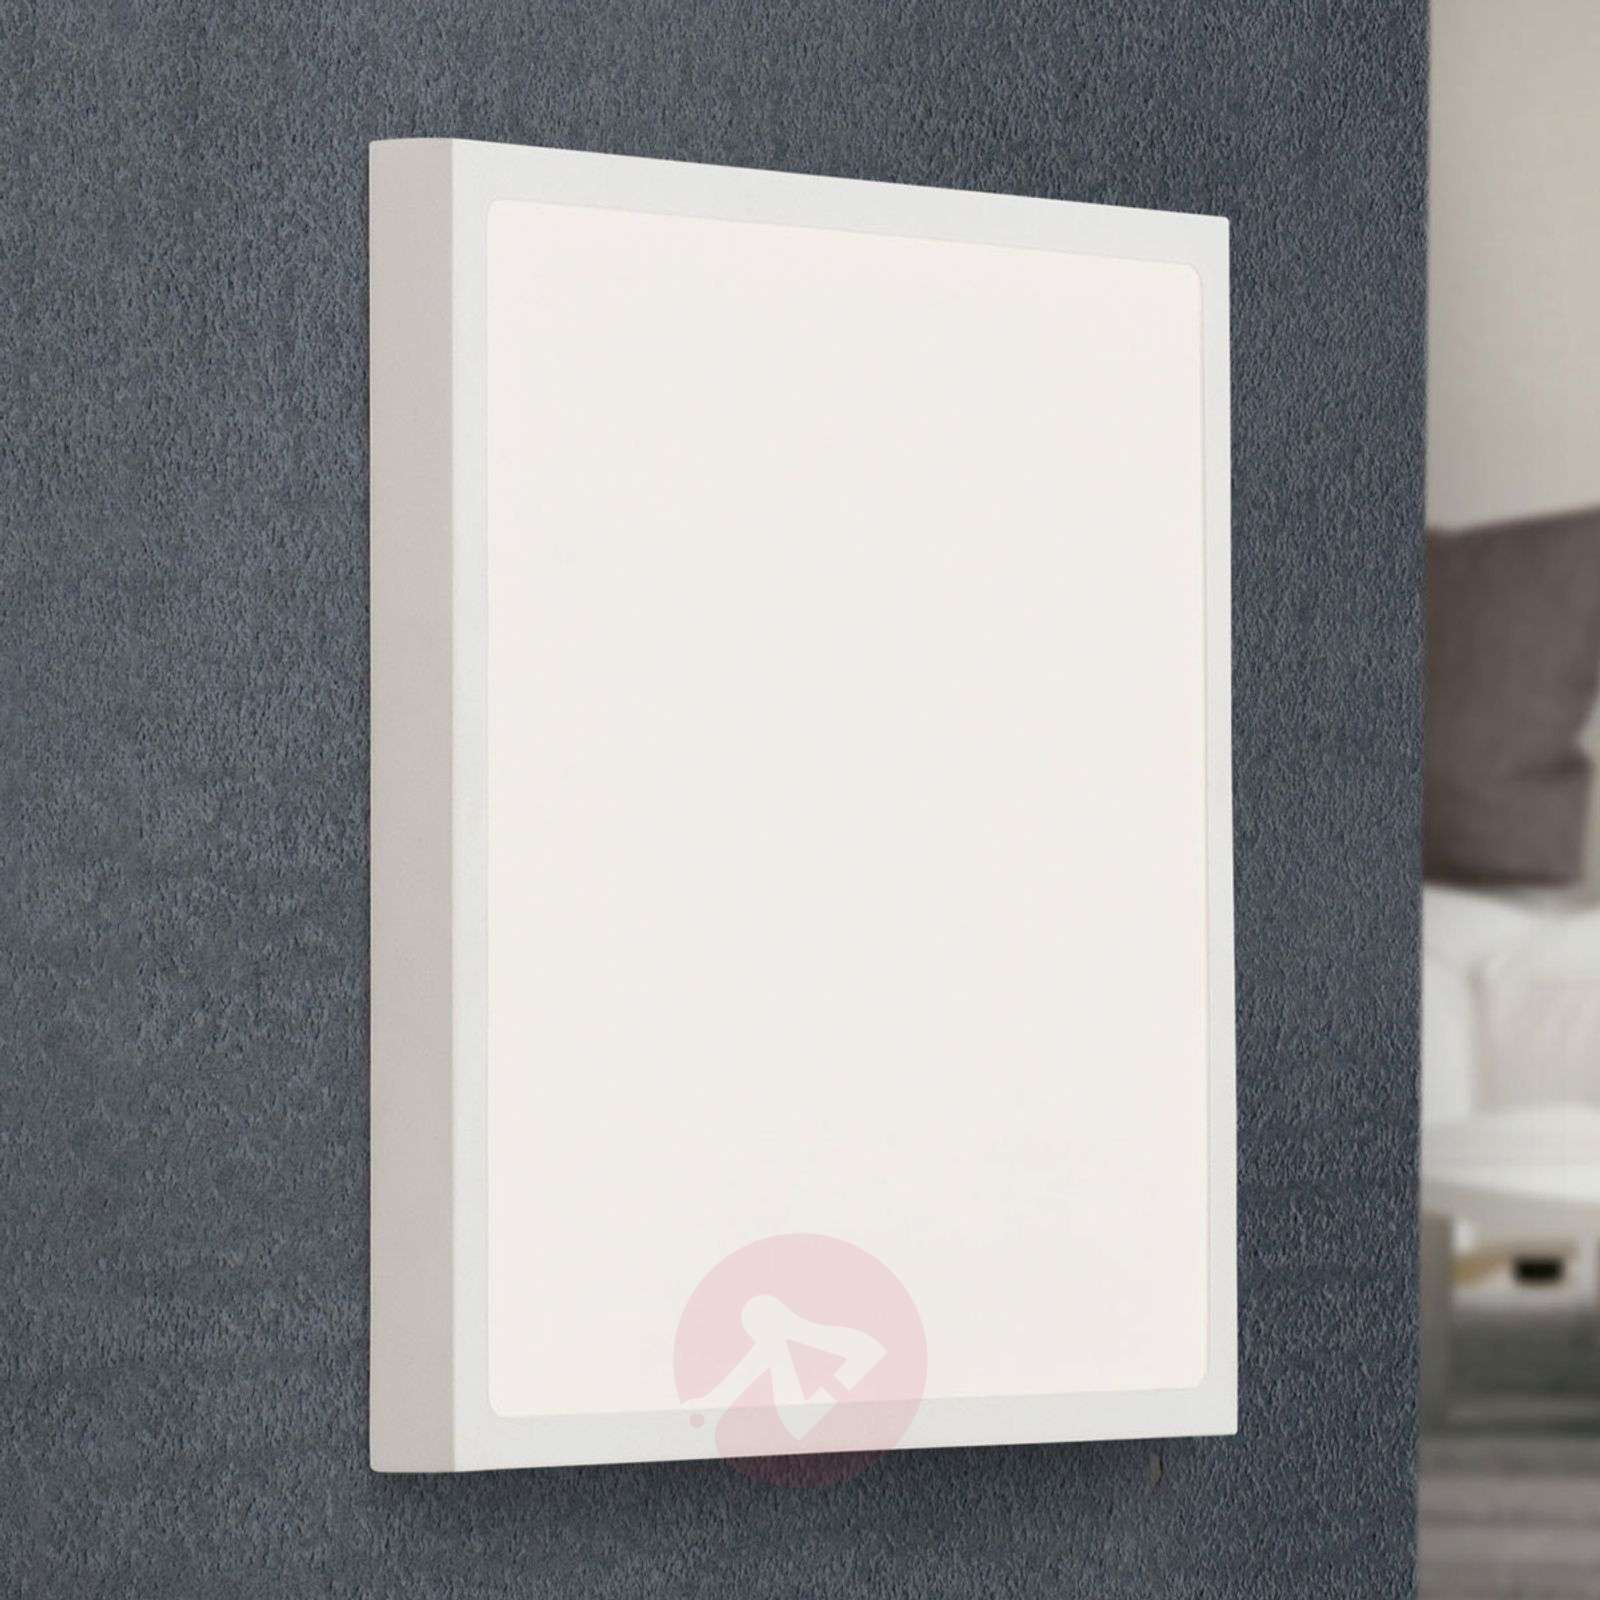 LED-kattovalaisin Vika, nelikulmainen-7255278X-01